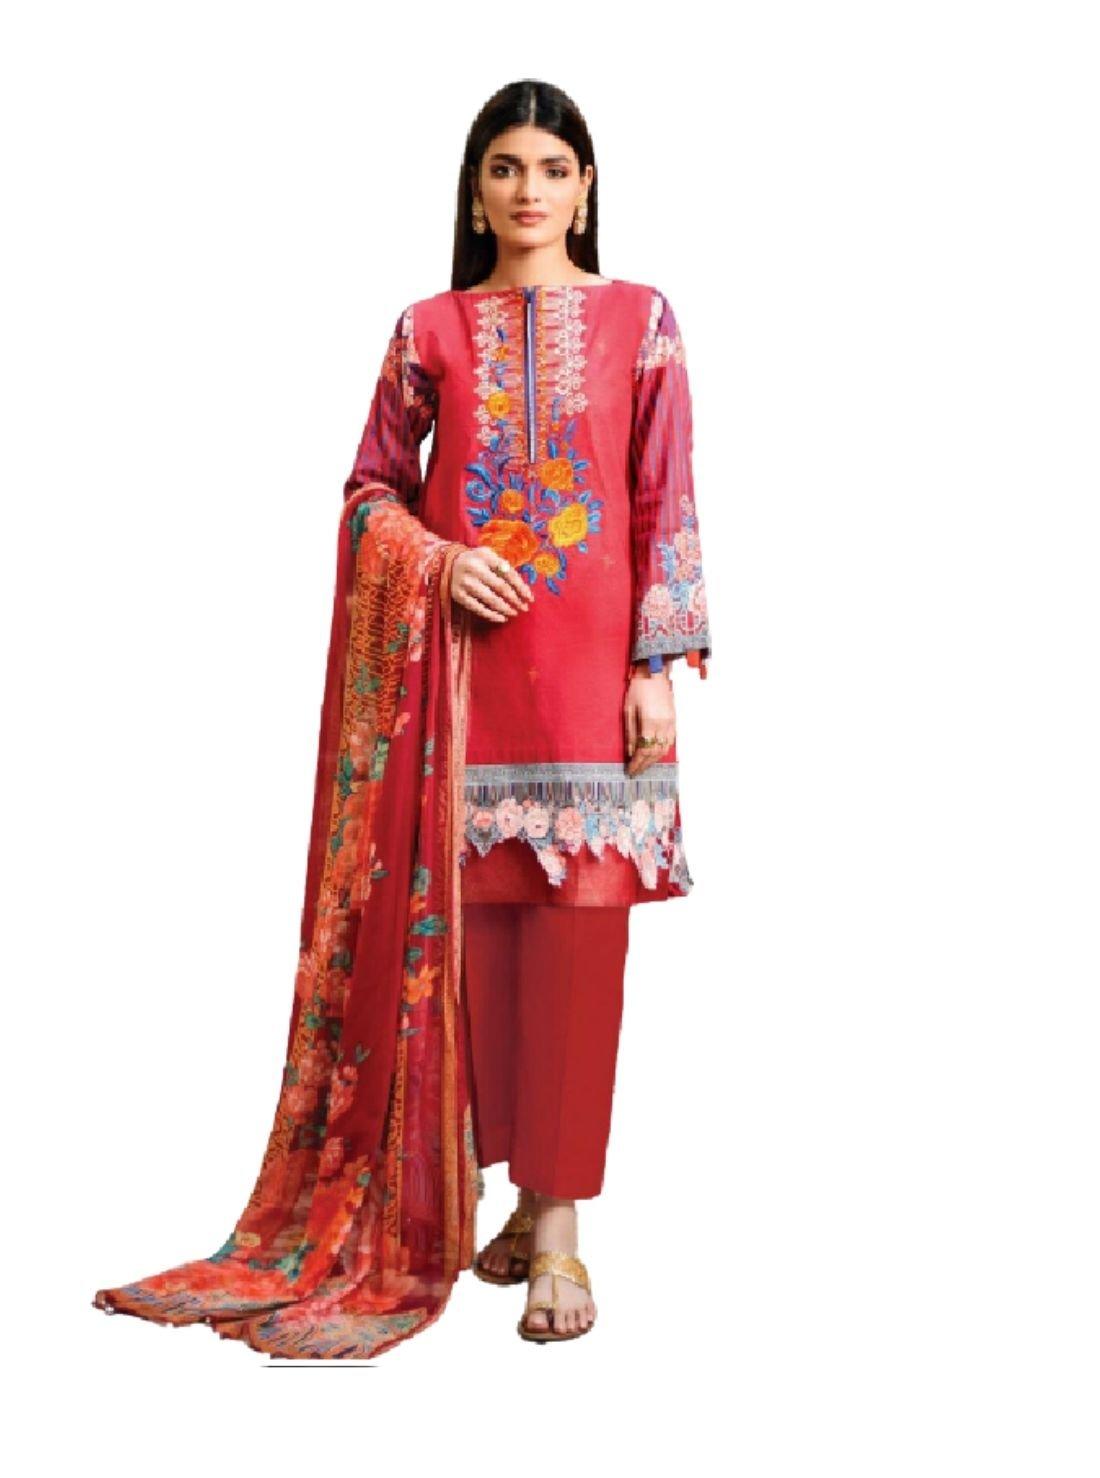 Summer Ethnic Clothing Pakistani Ladies